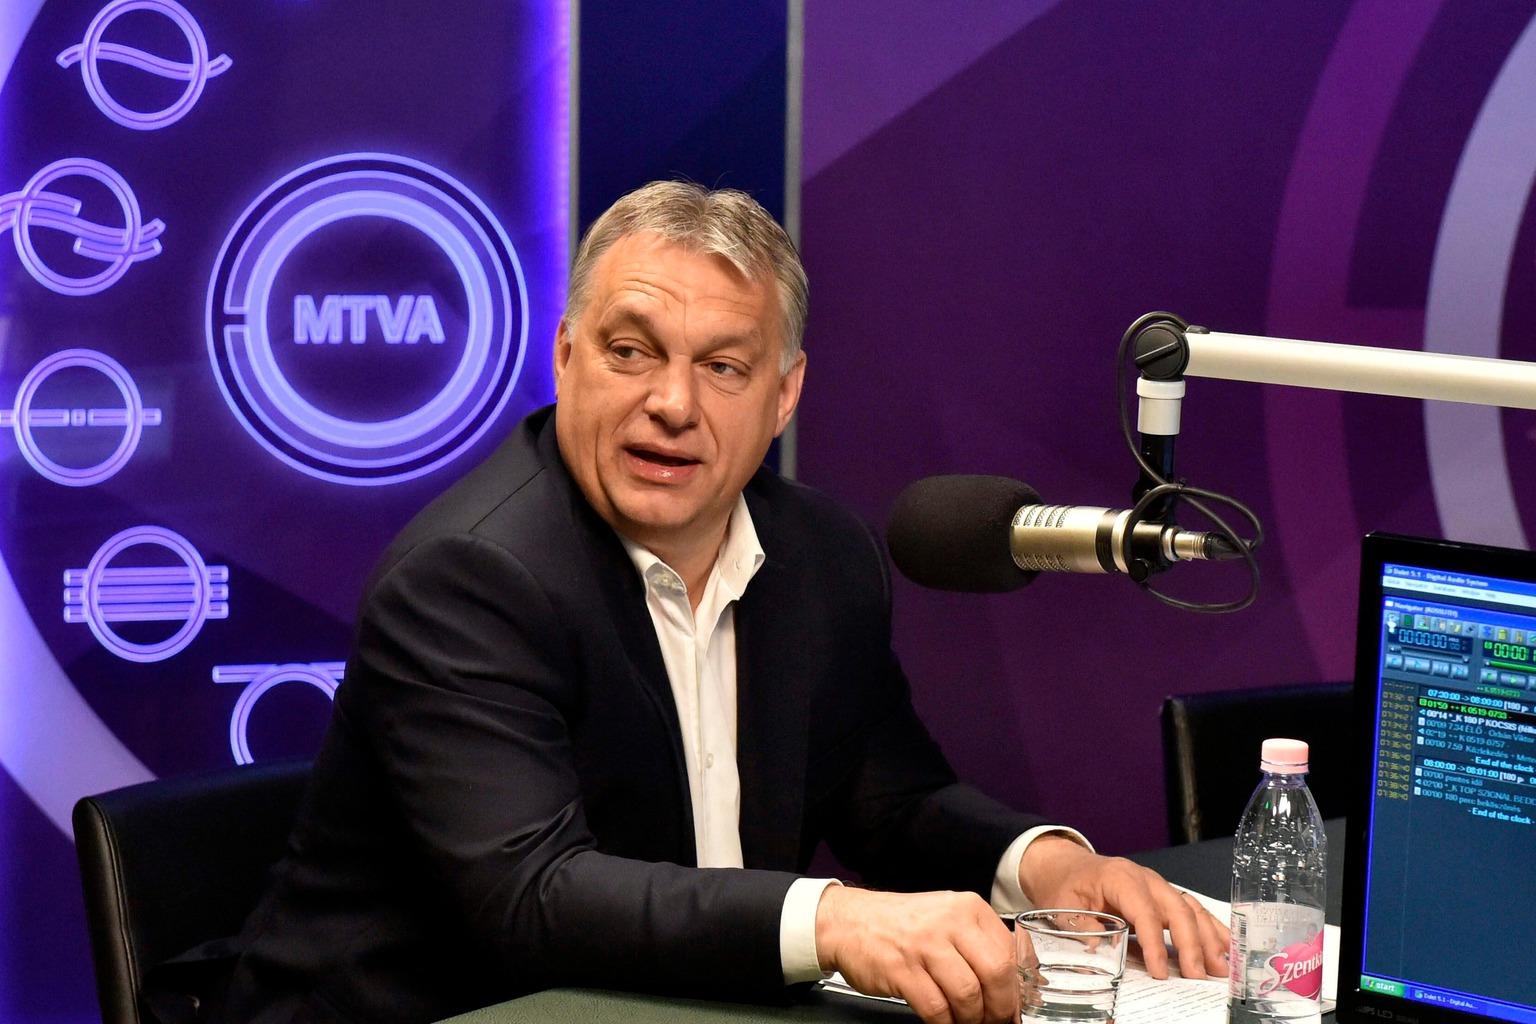 Budapest, 2017. május 19. Orbán Viktor miniszterelnök a Kossuth Rádió stúdiójában, ahol interjút adott a 180 perc című műsorban 2017. május 19-én. MTI Fotó: Máthé Zoltán